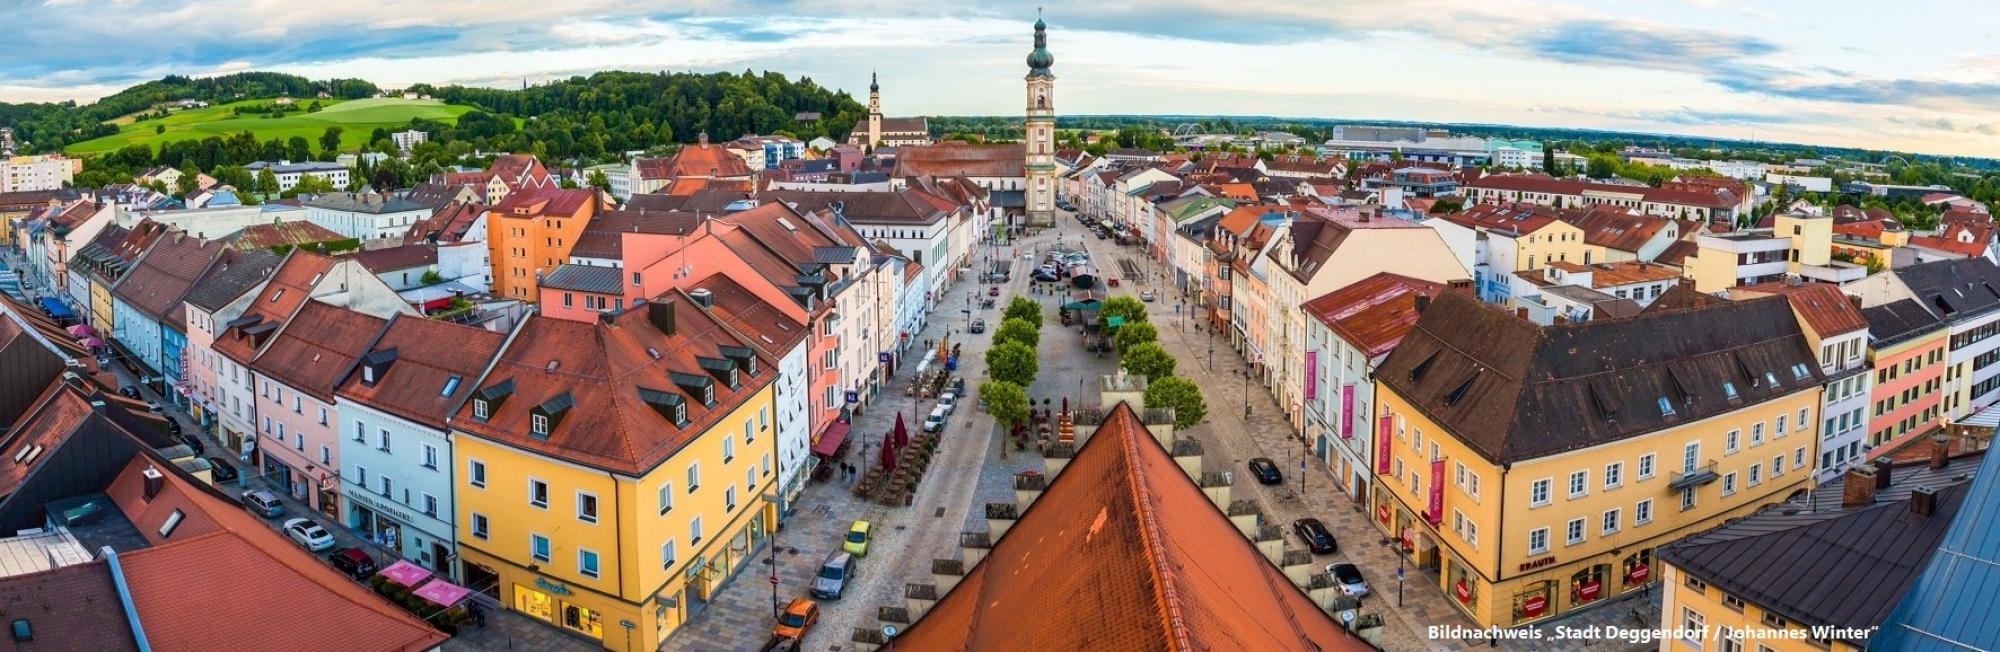 Herzlich willkommen bei den wirtschaftsjunioren deggendorf e v wirtschaftsjunioren deggendorf - Mobel in deggendorf ...